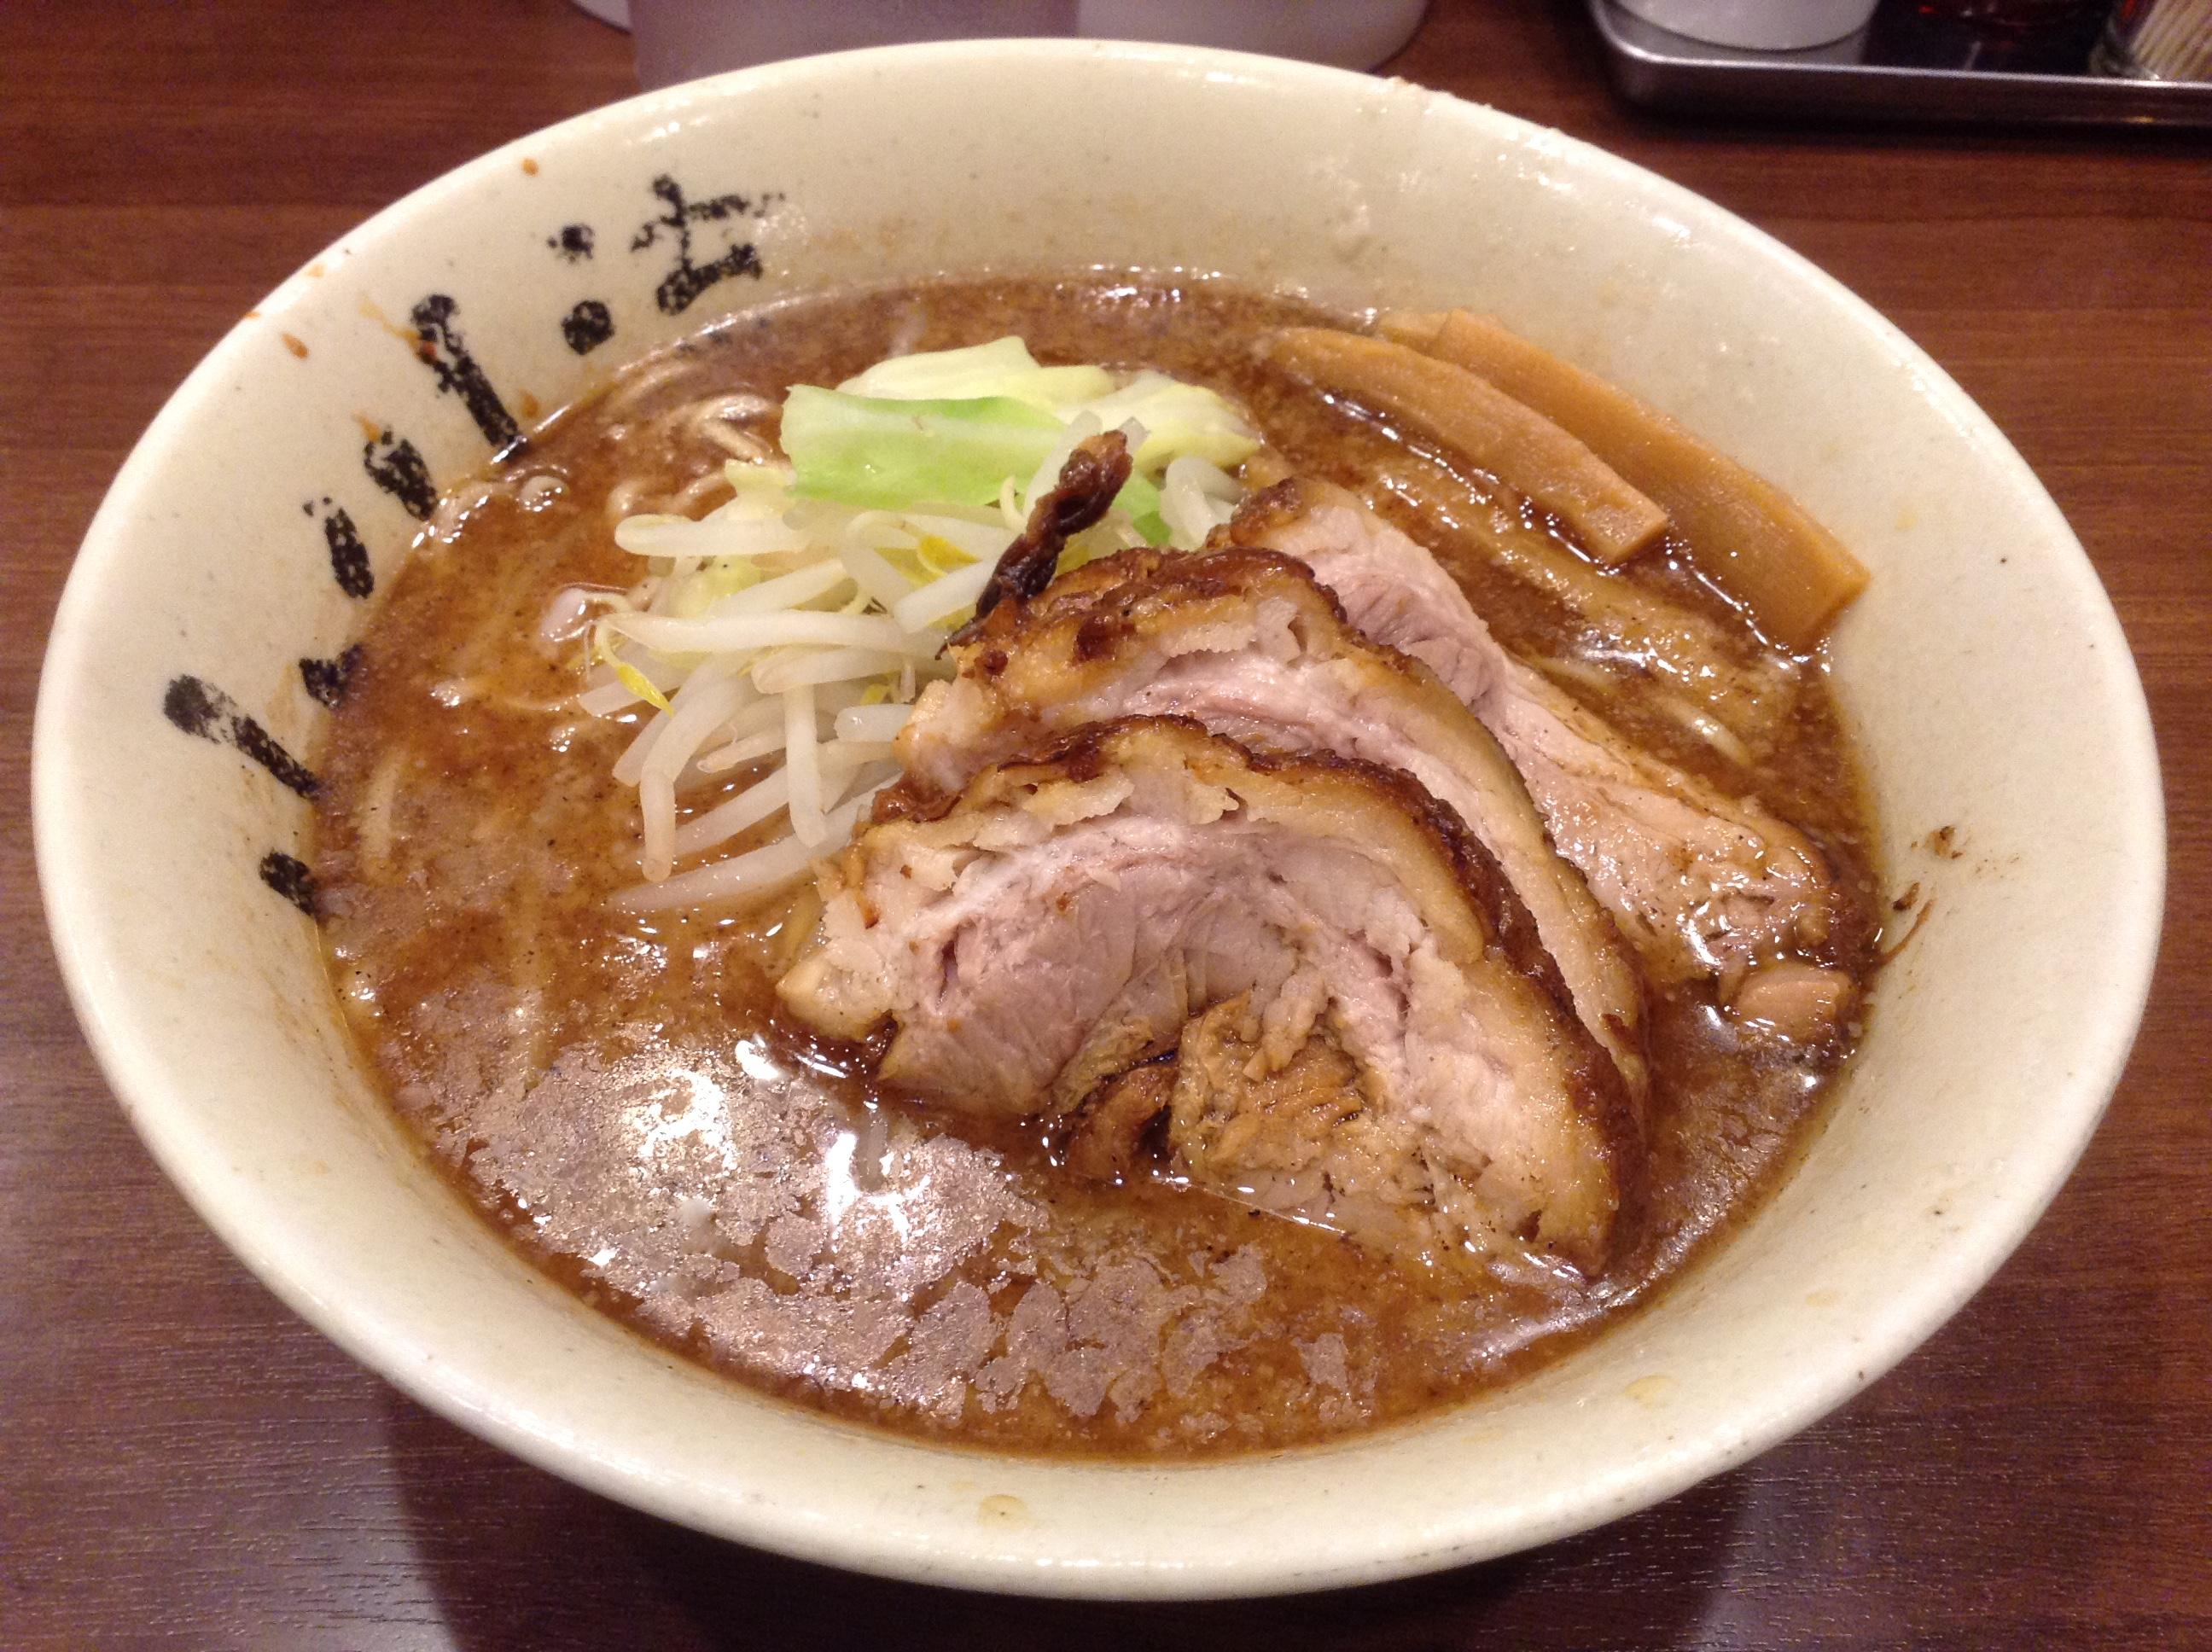 神奈川・厚木市「 らーめん・つけ麺 小川流」のラーメンとつけ麺はイケメン級の美味しさ